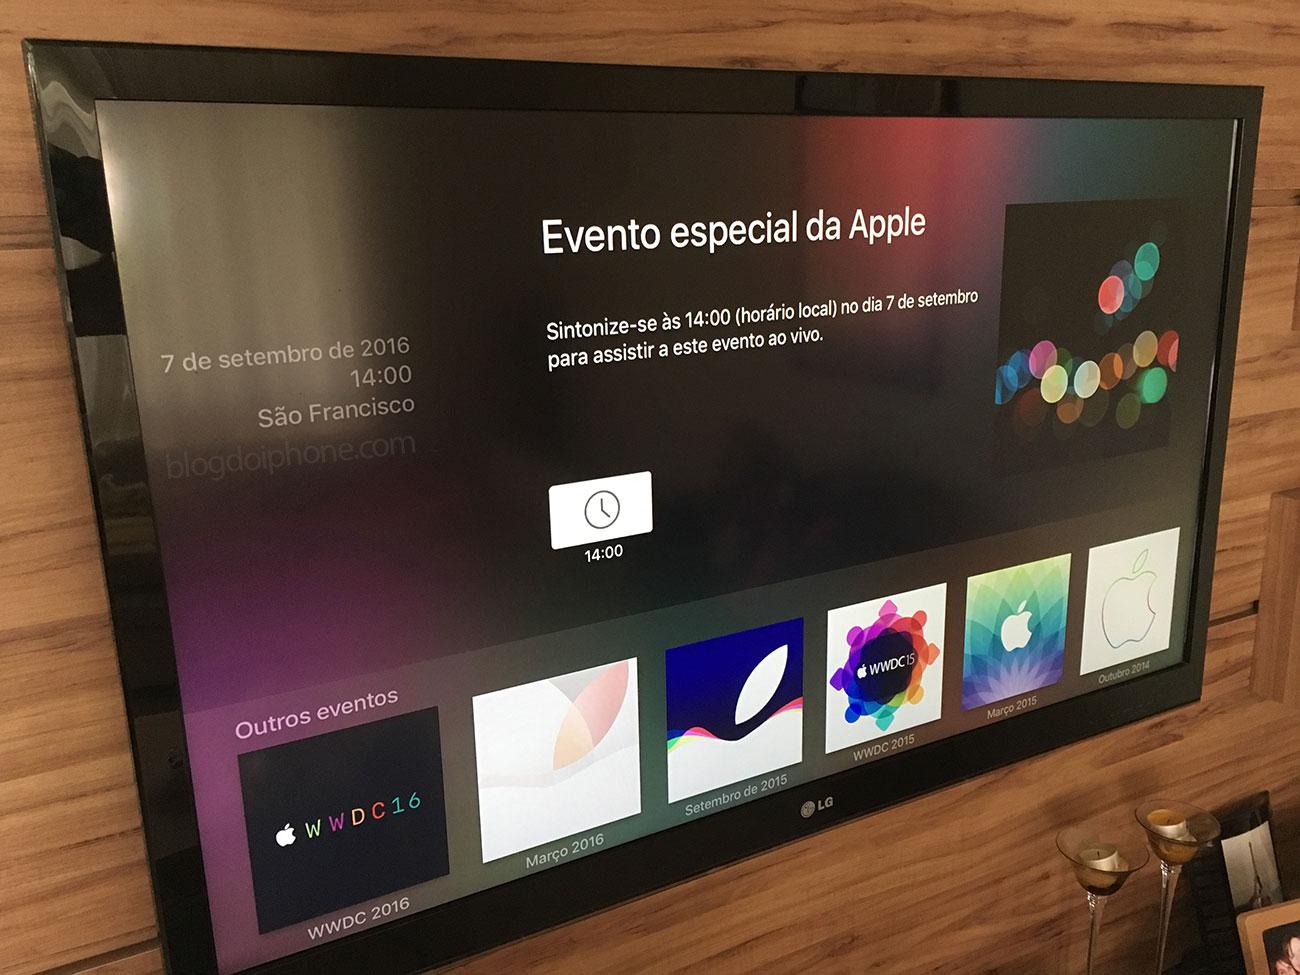 AppleTVevento2